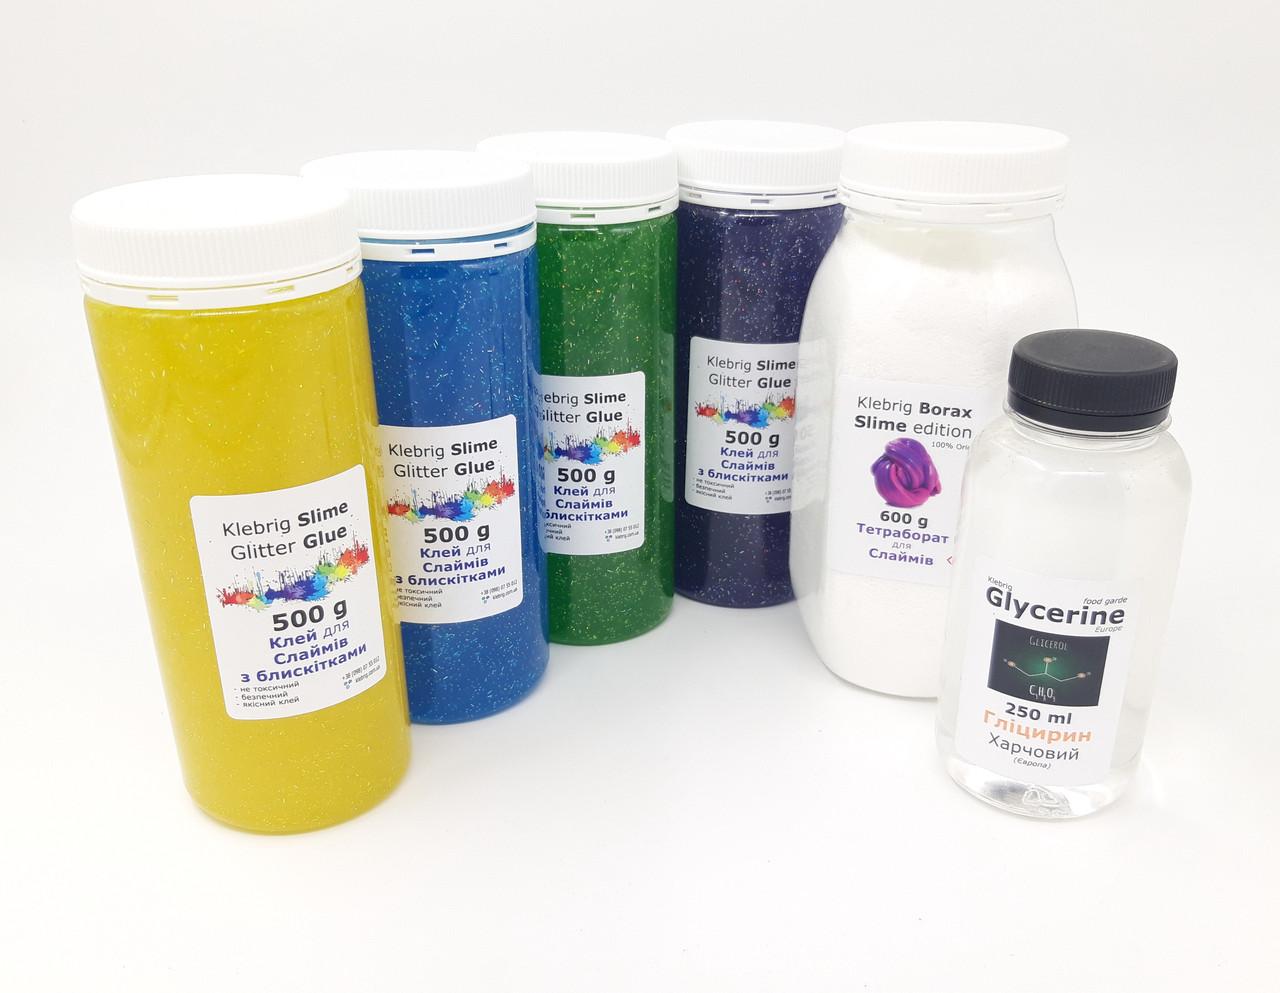 Цветной клей 2кг (4 цвета) + Тетраборат 600г + Глицерин + Лимонная кислота Набор